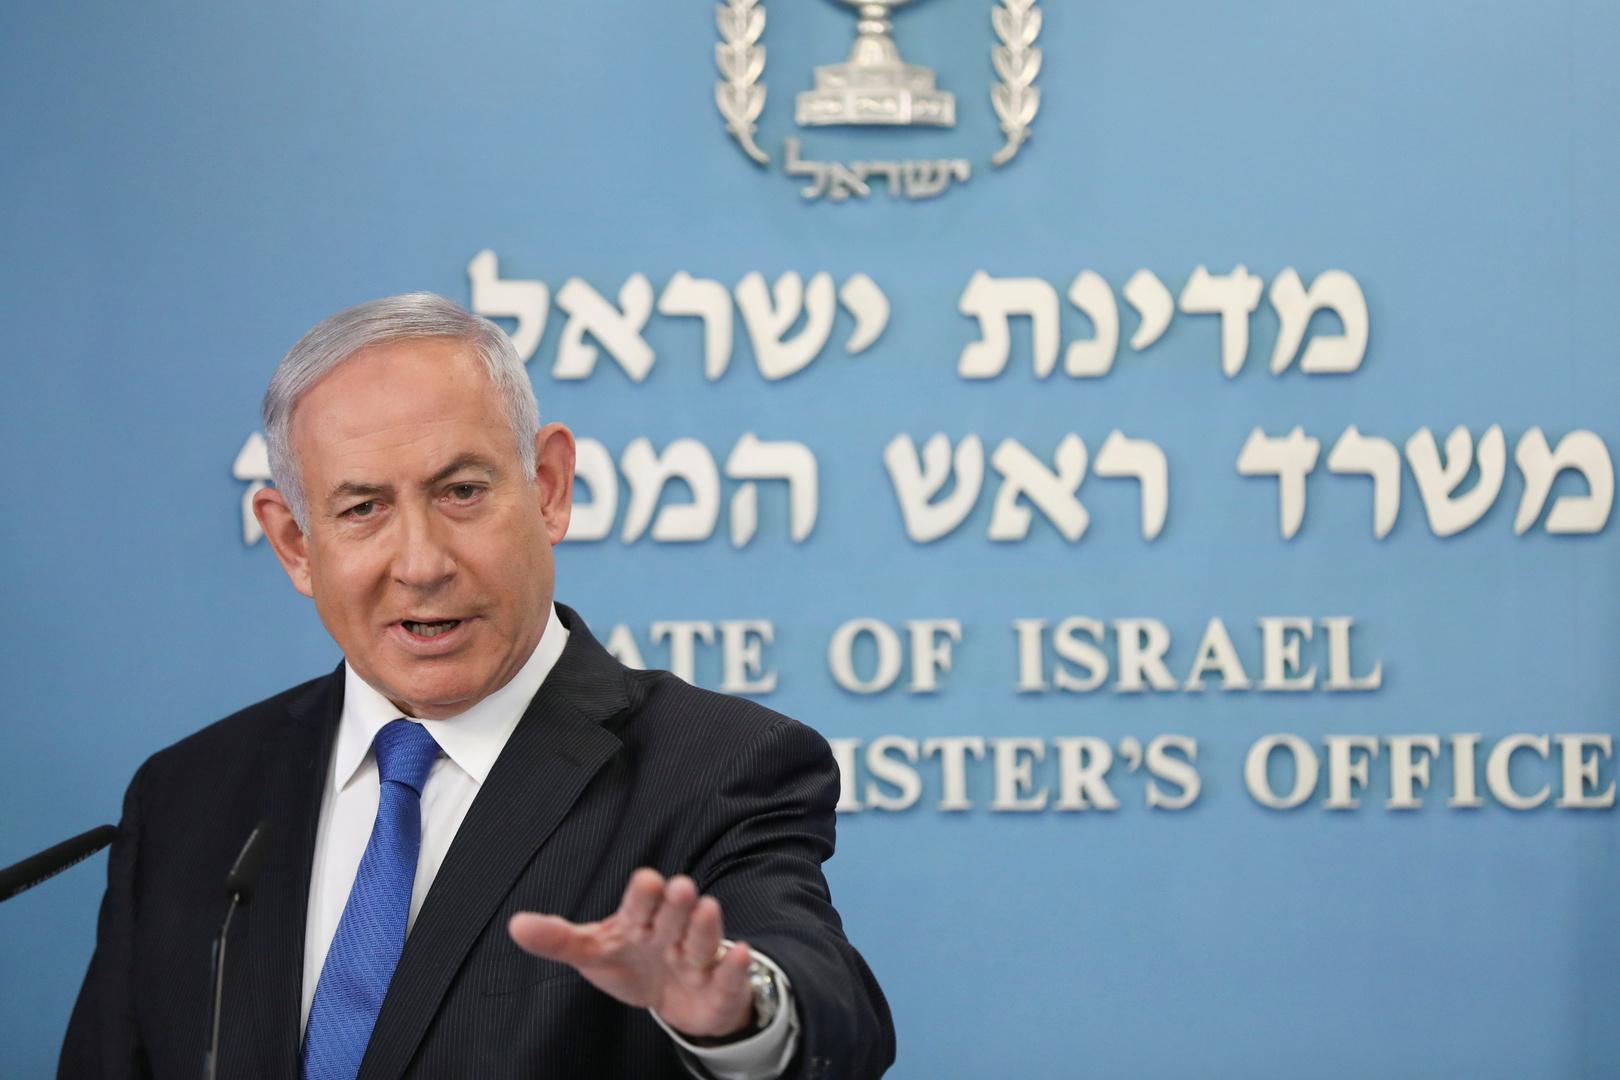 نتنياهو: تحقيق محكمة الجنايات الدولية مع إسرائيل مجرد معاداة السامية